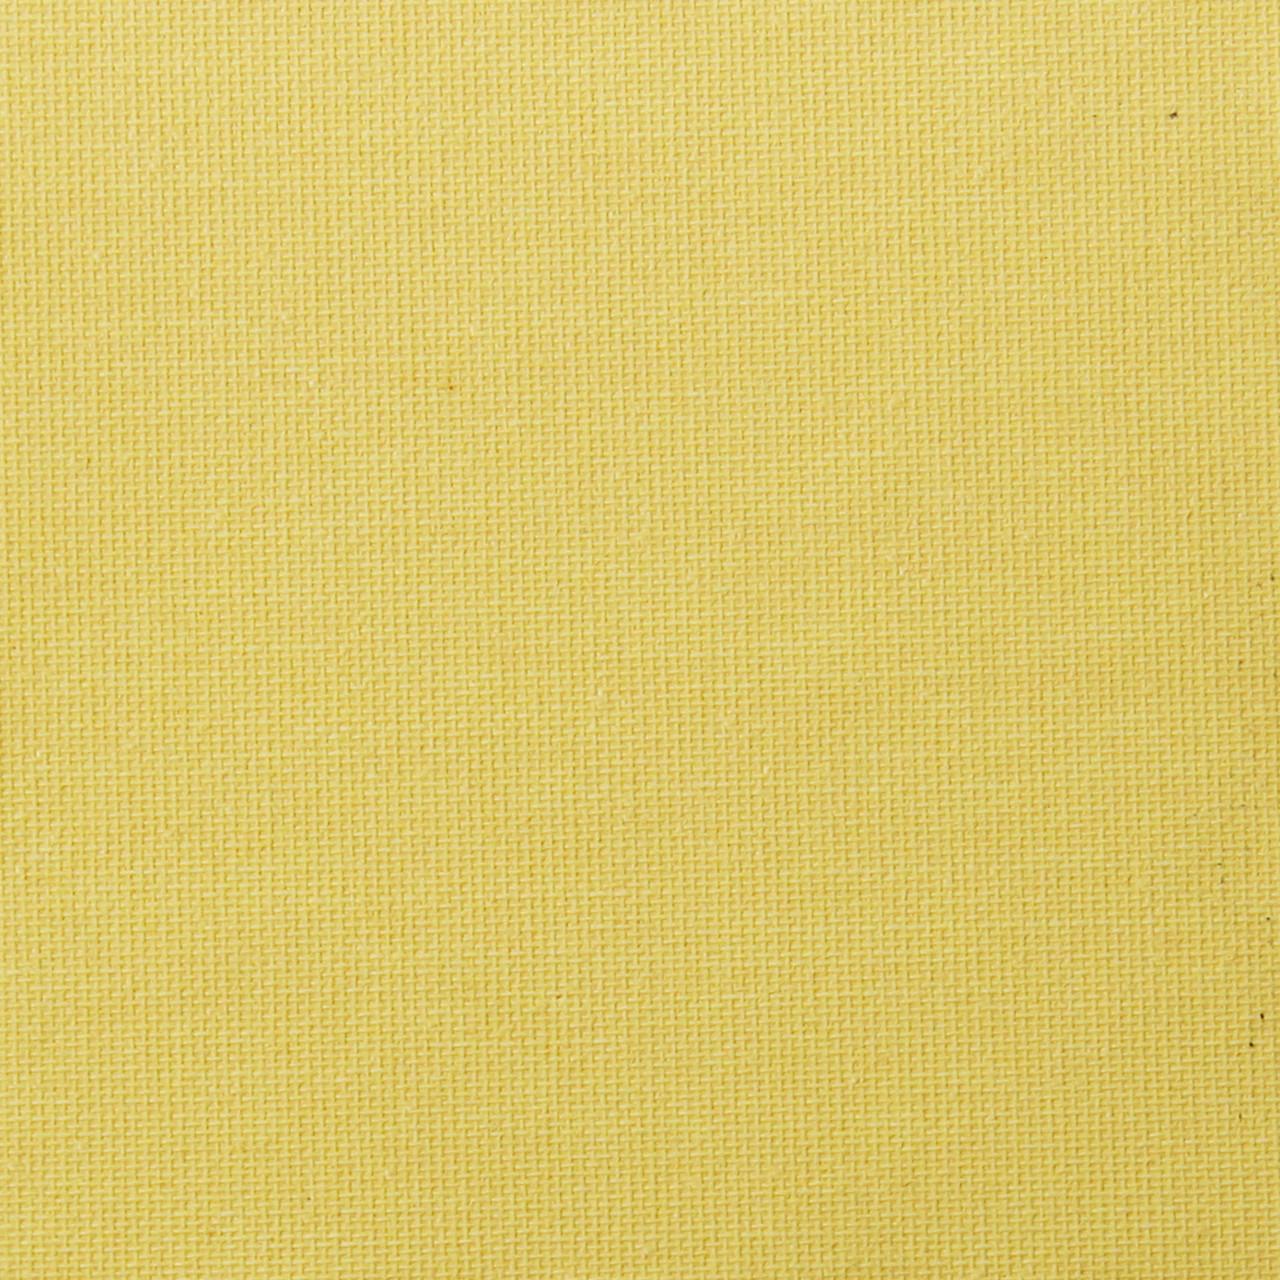 Рулонные шторы Ткань Однотонная А-616 Жёлтый